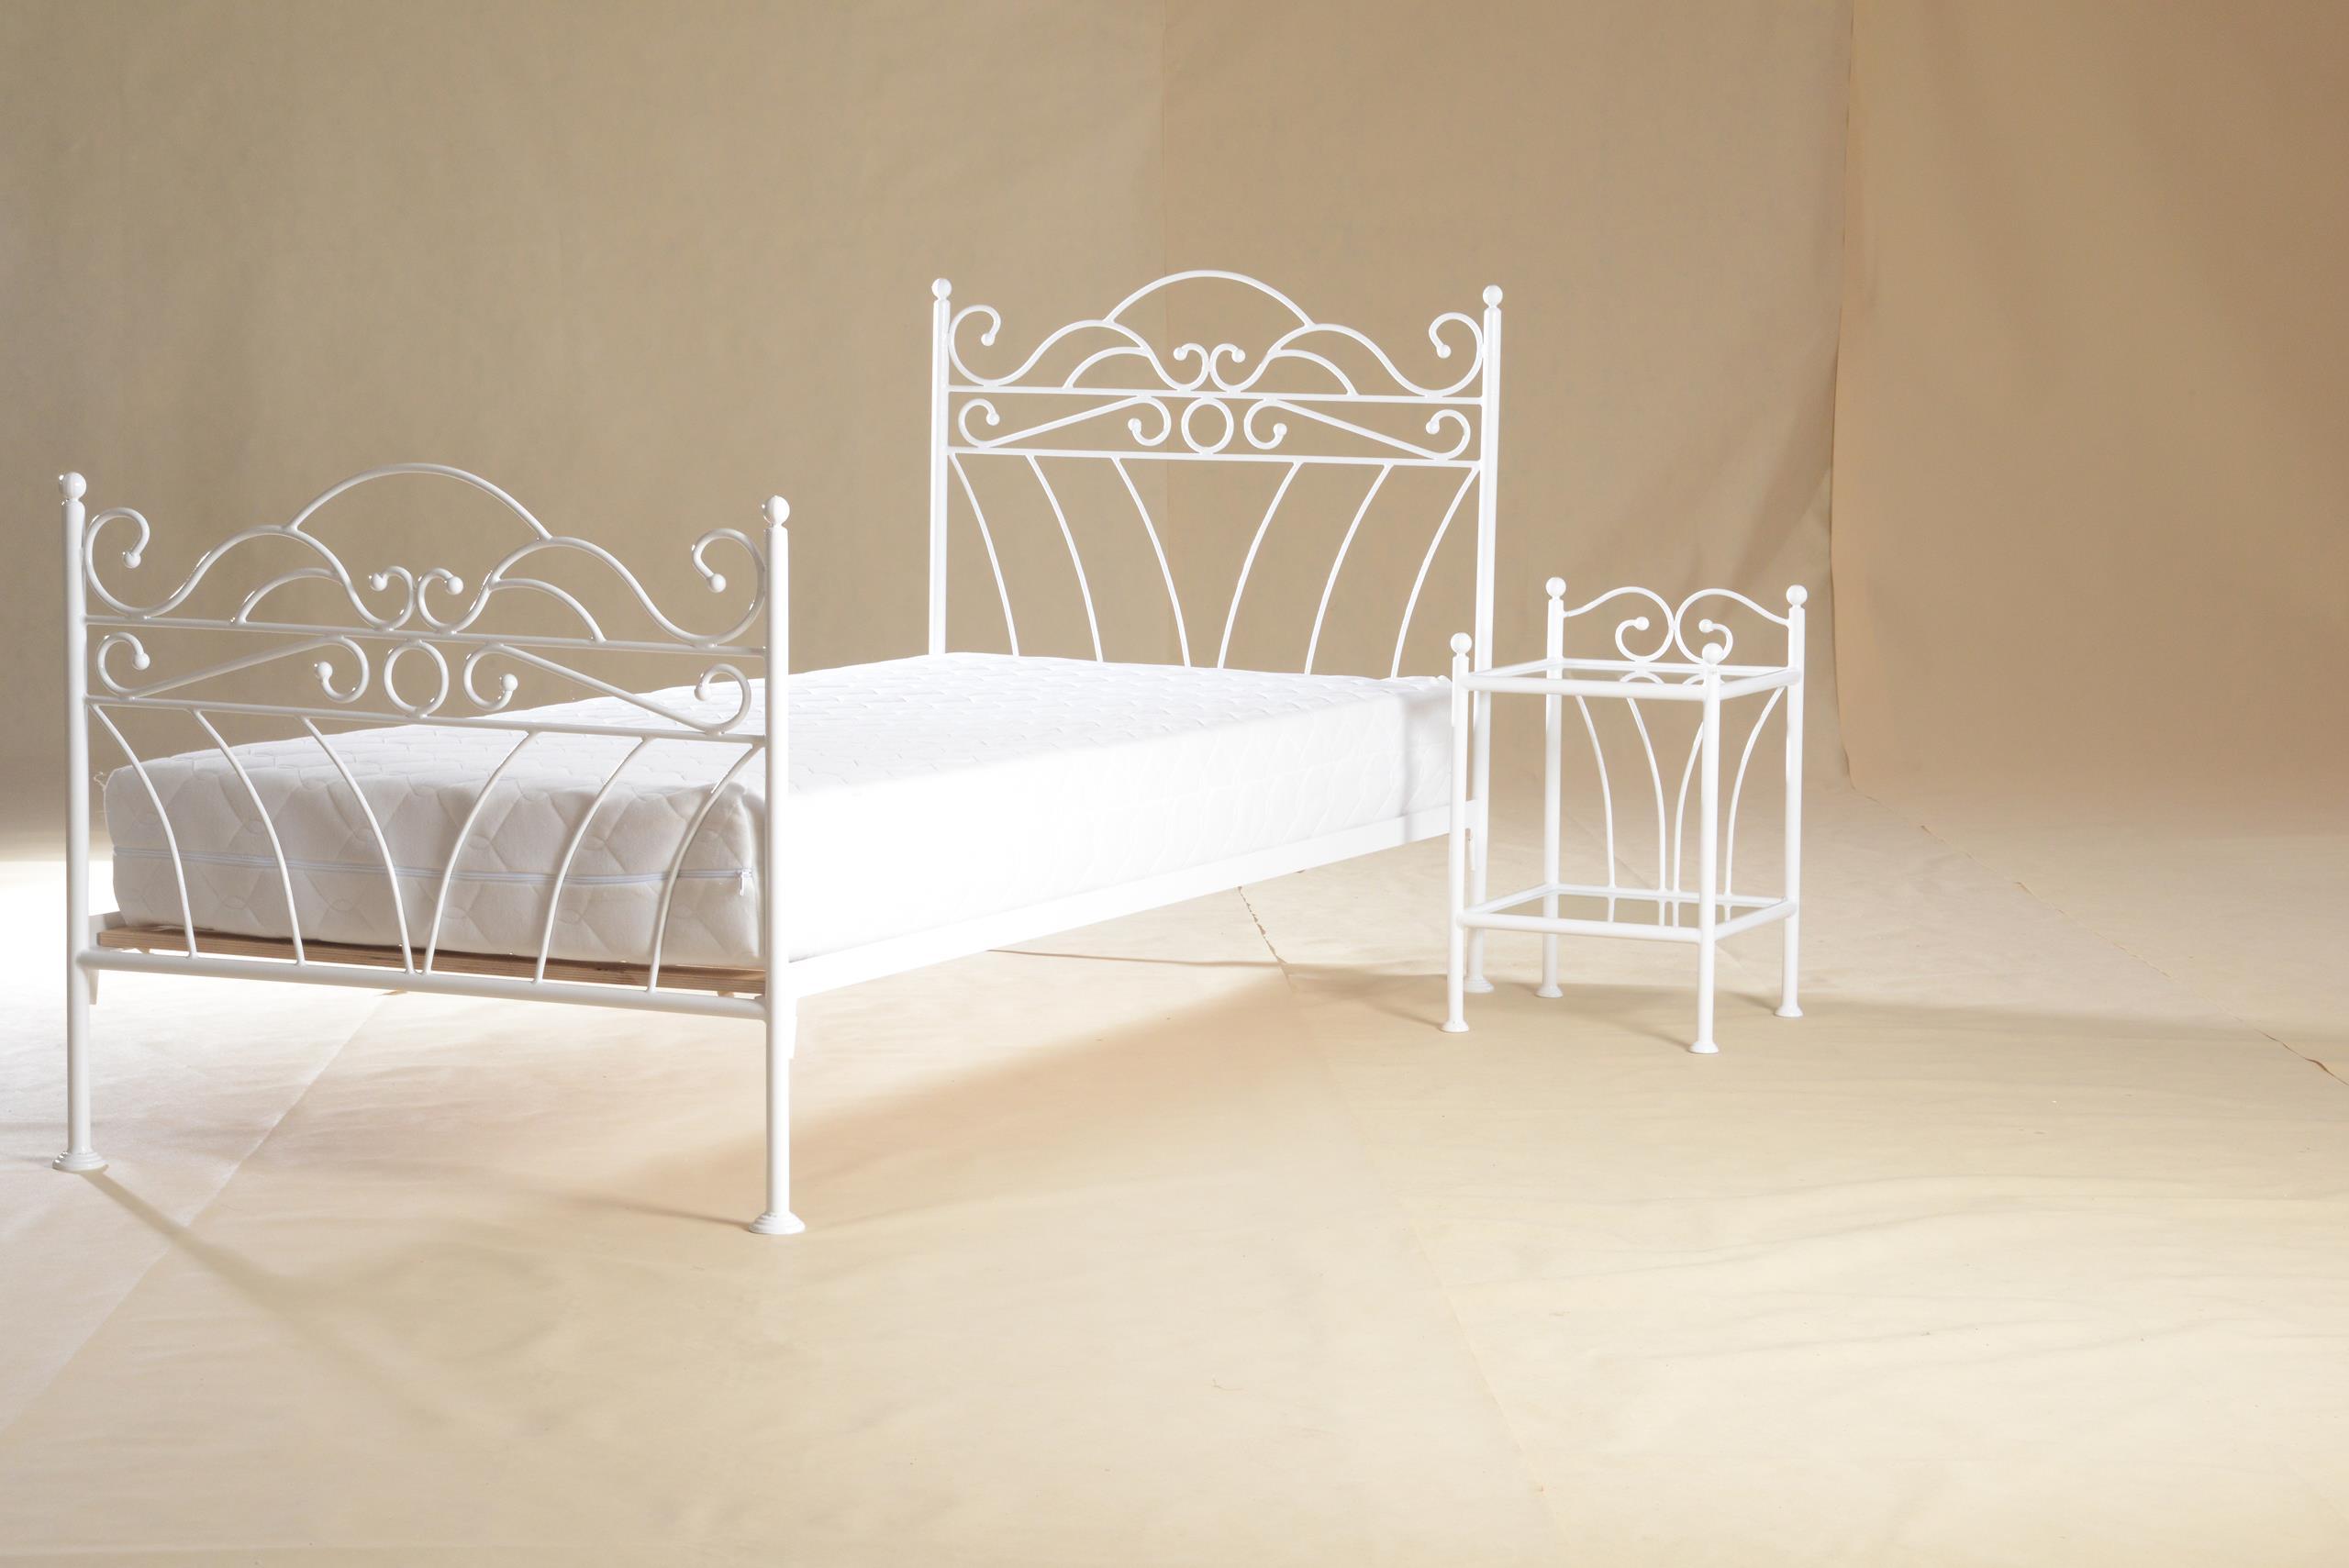 łóżko Metalowe Białe Wiking 90x200 Glamour Kute 7572530742